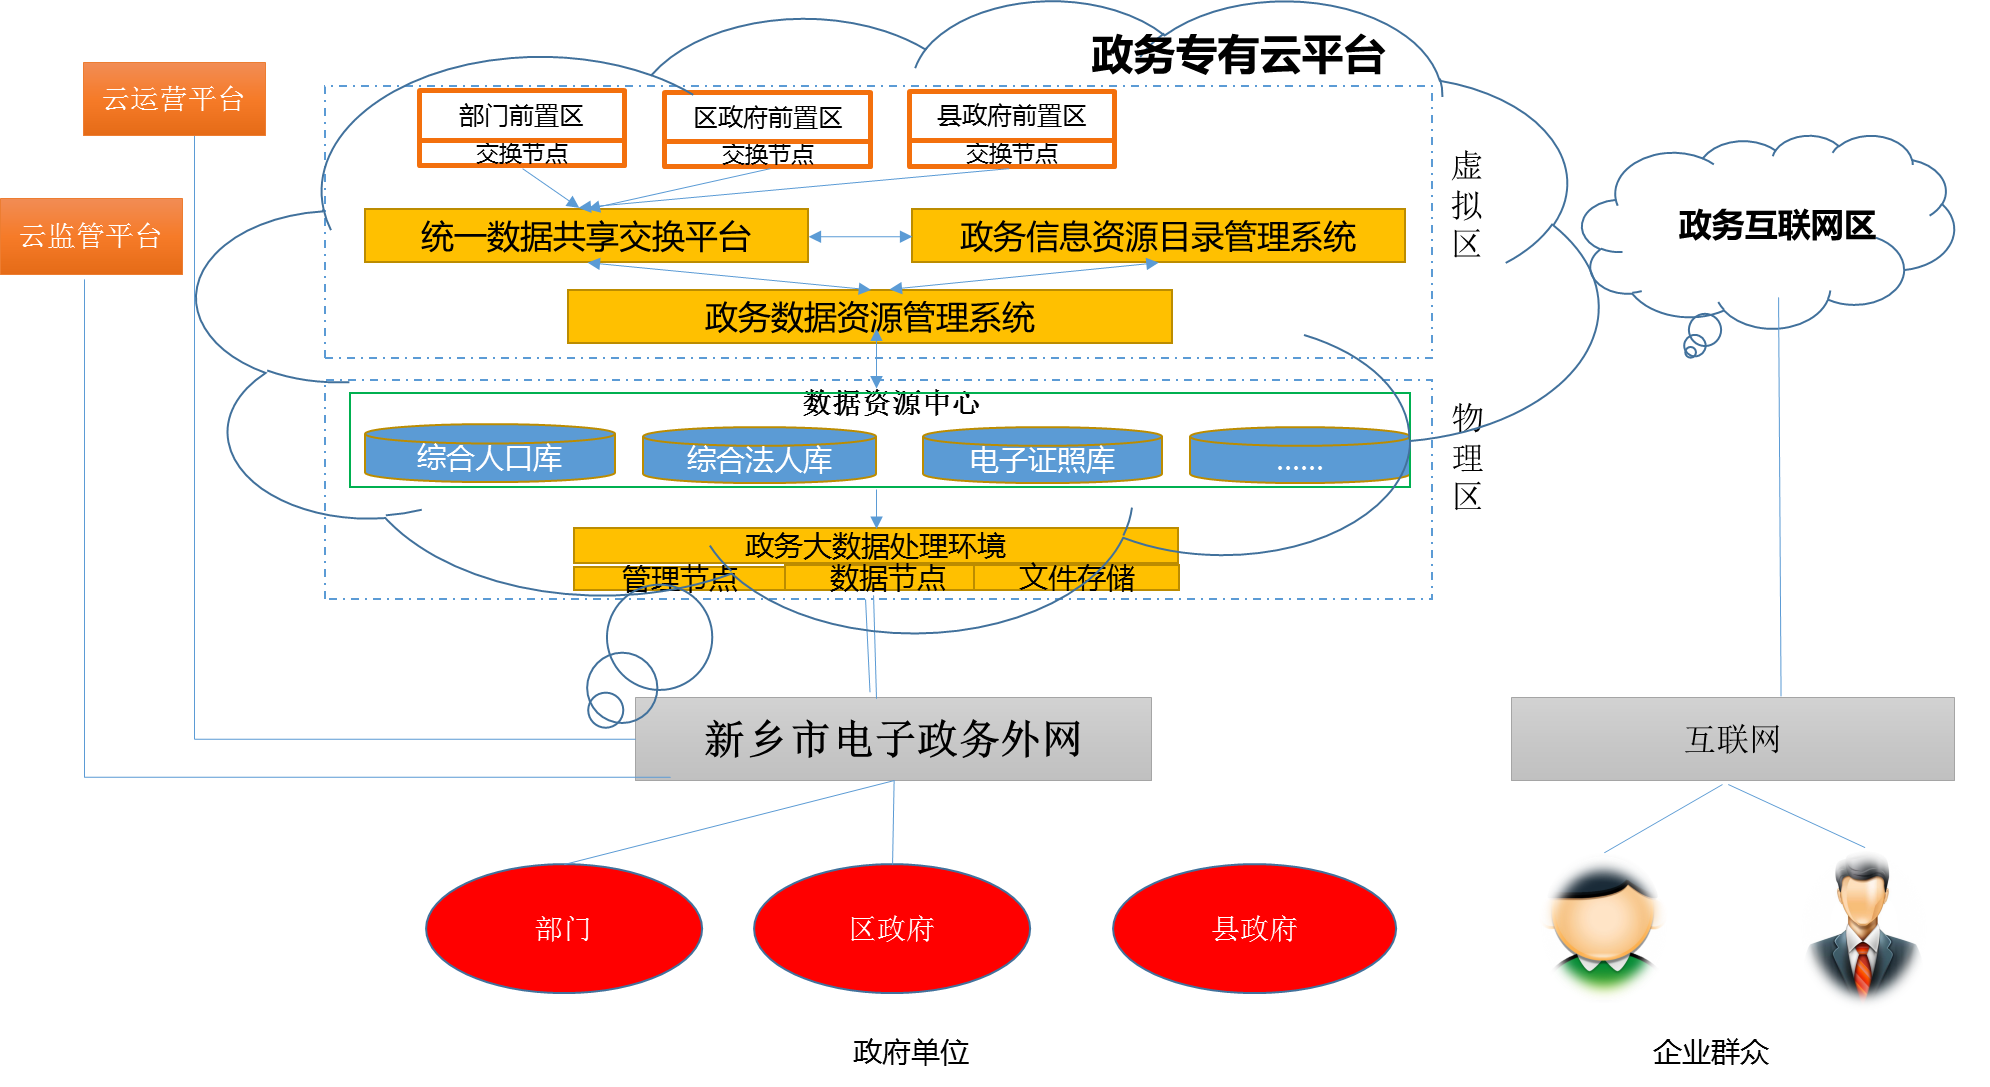 河南省某市政务大数据交换平台.png